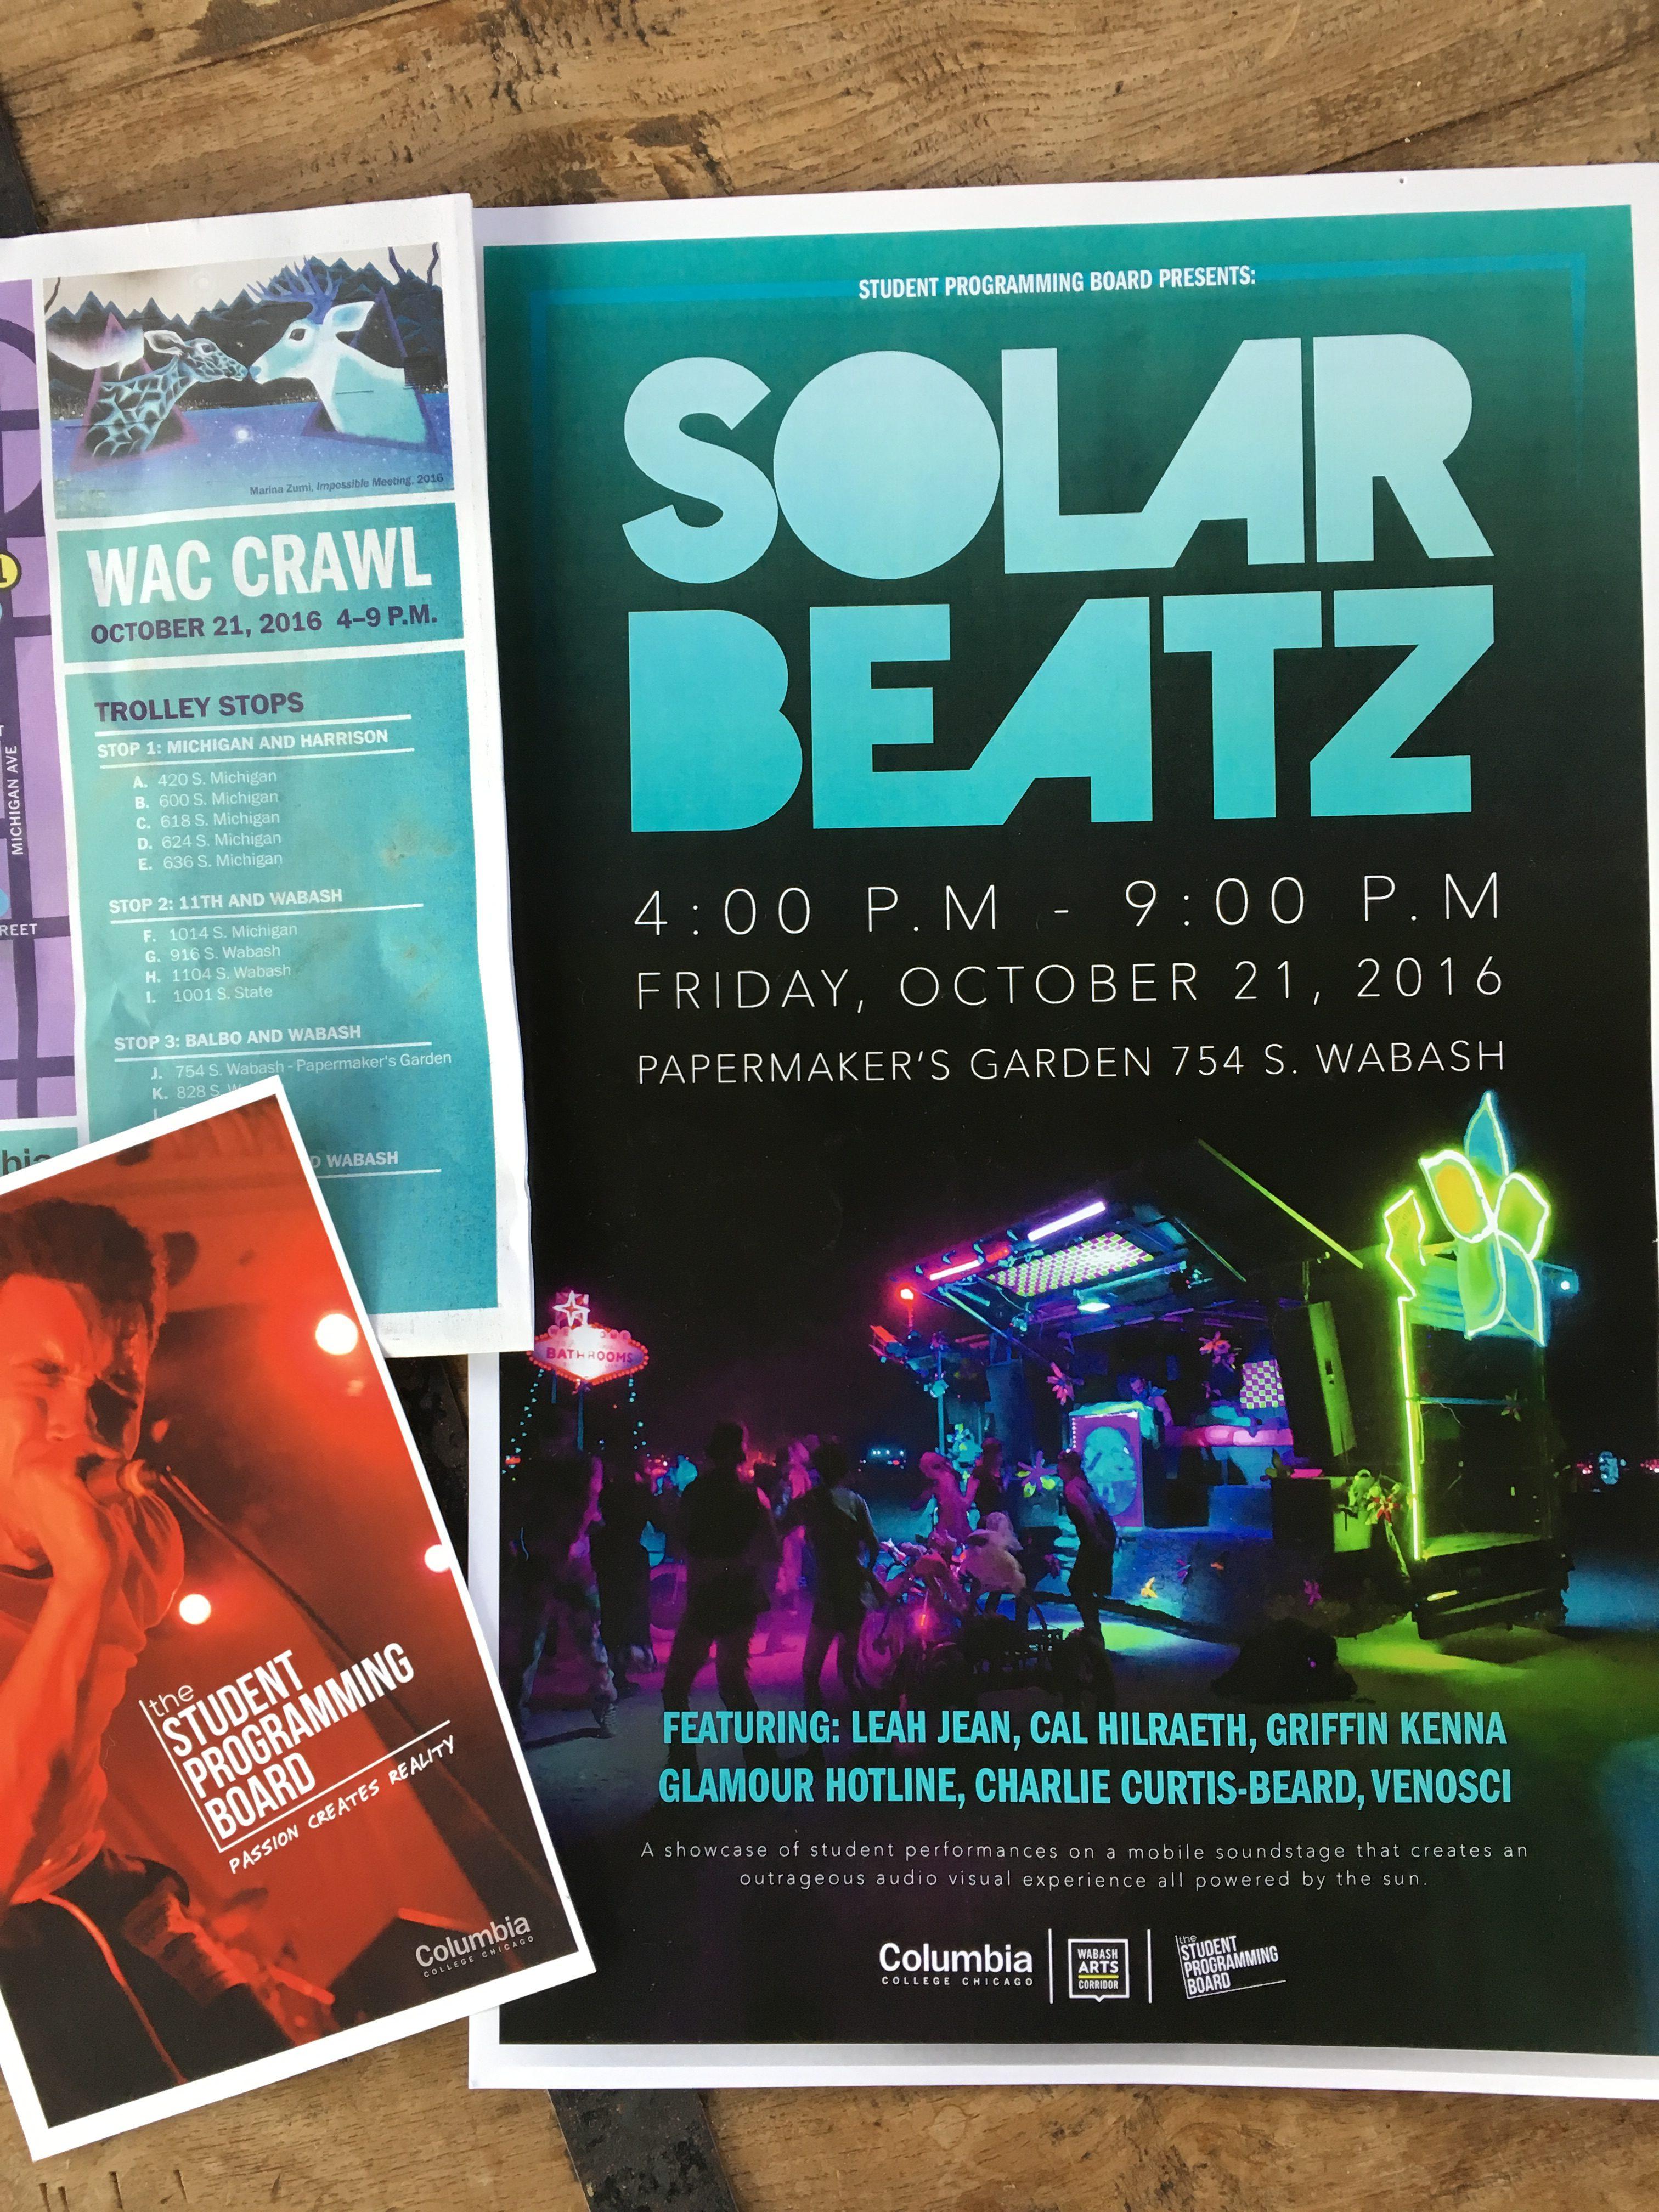 Events with SolarBeatz